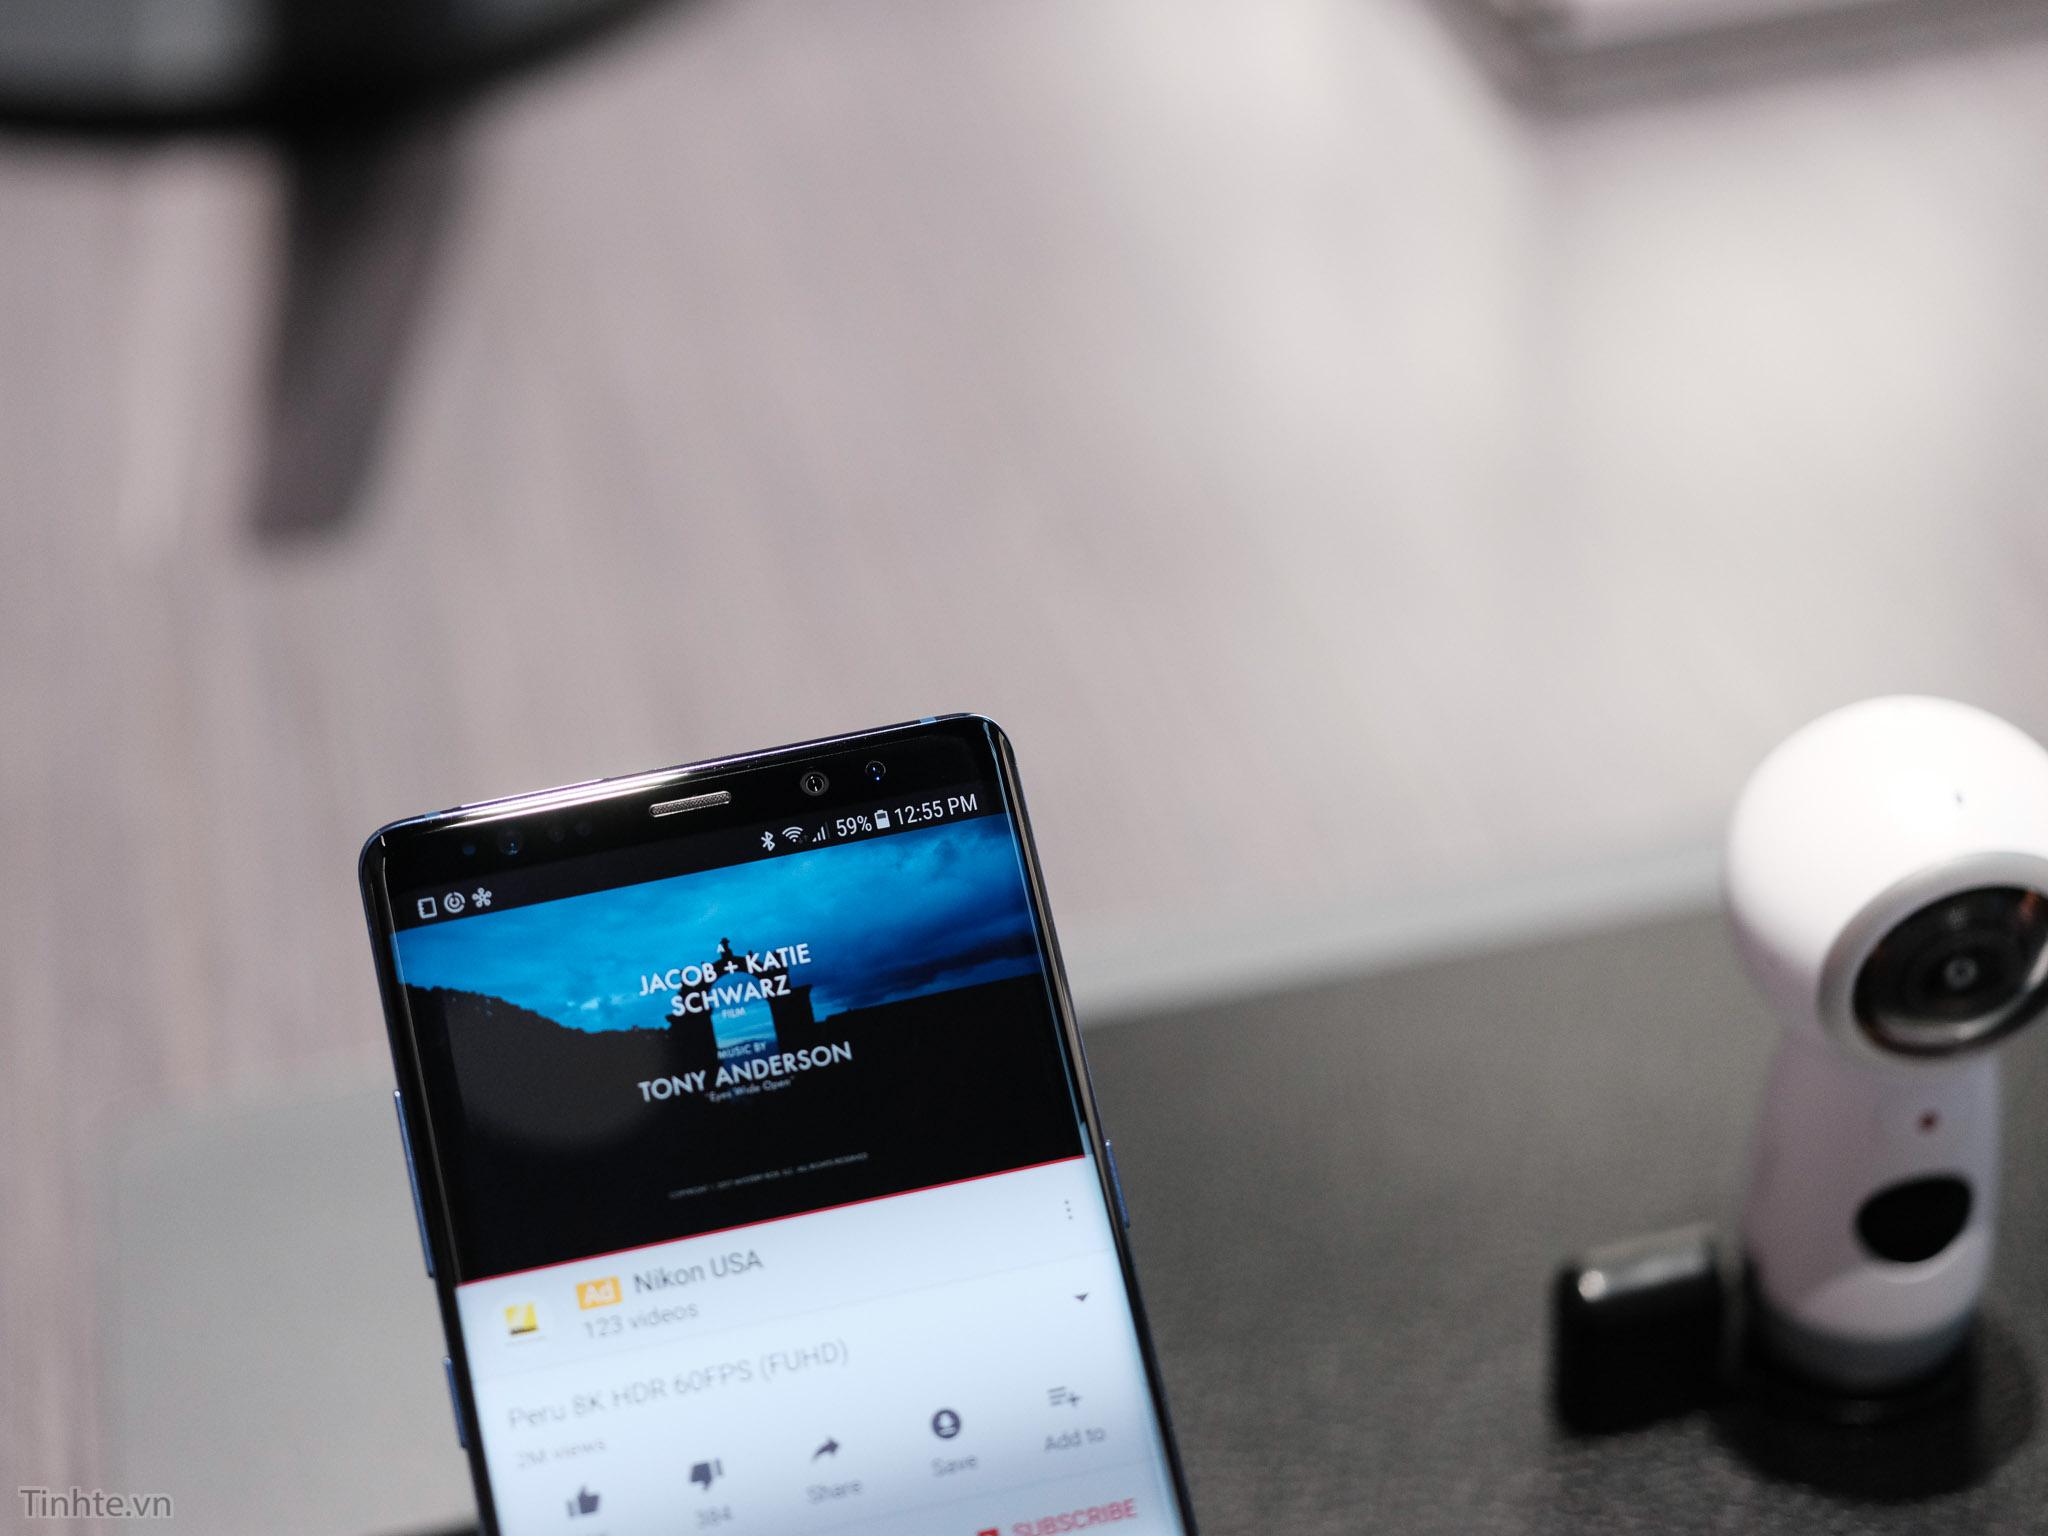 Samsung_Galaxy_Note_8_tinhte.vn-3.jpg